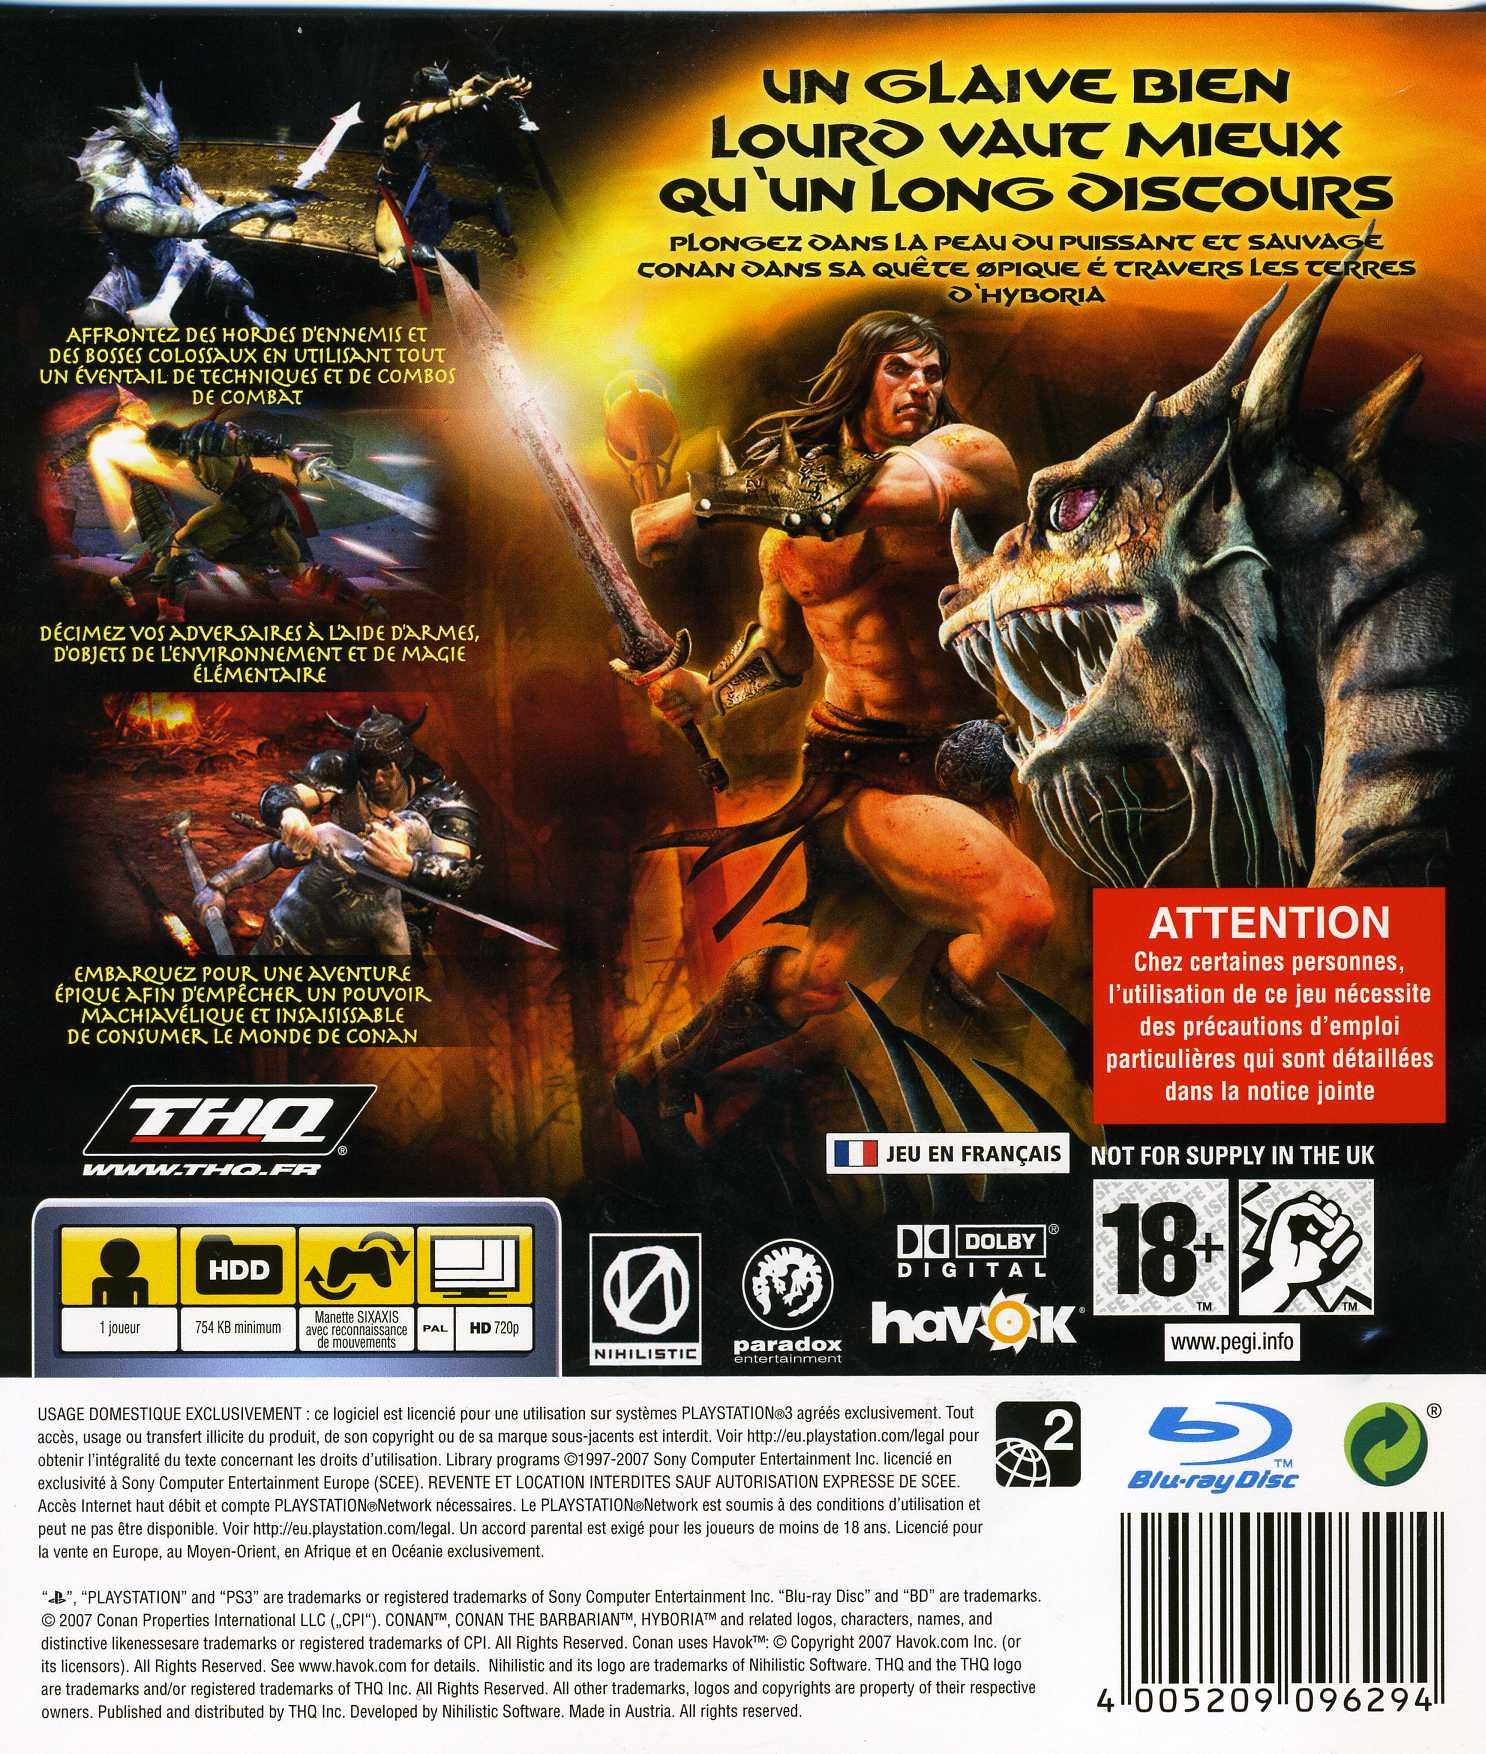 Jeu video Conan sur PS3 - 1 - images, jaquette, scans, screenshots